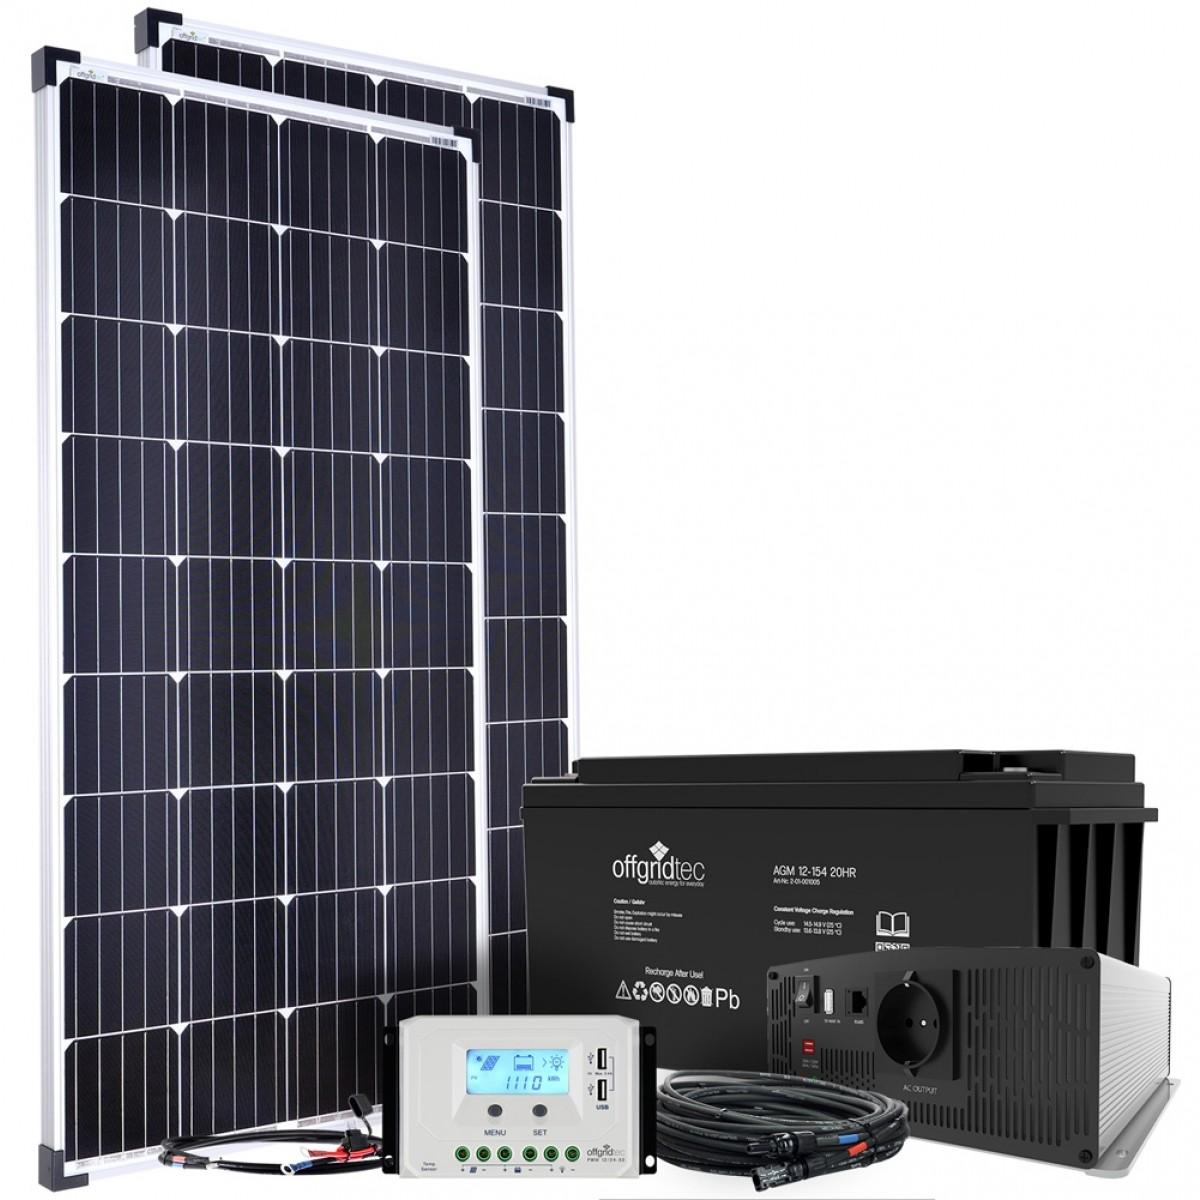 300W Solaranlage Garten 12V komplett